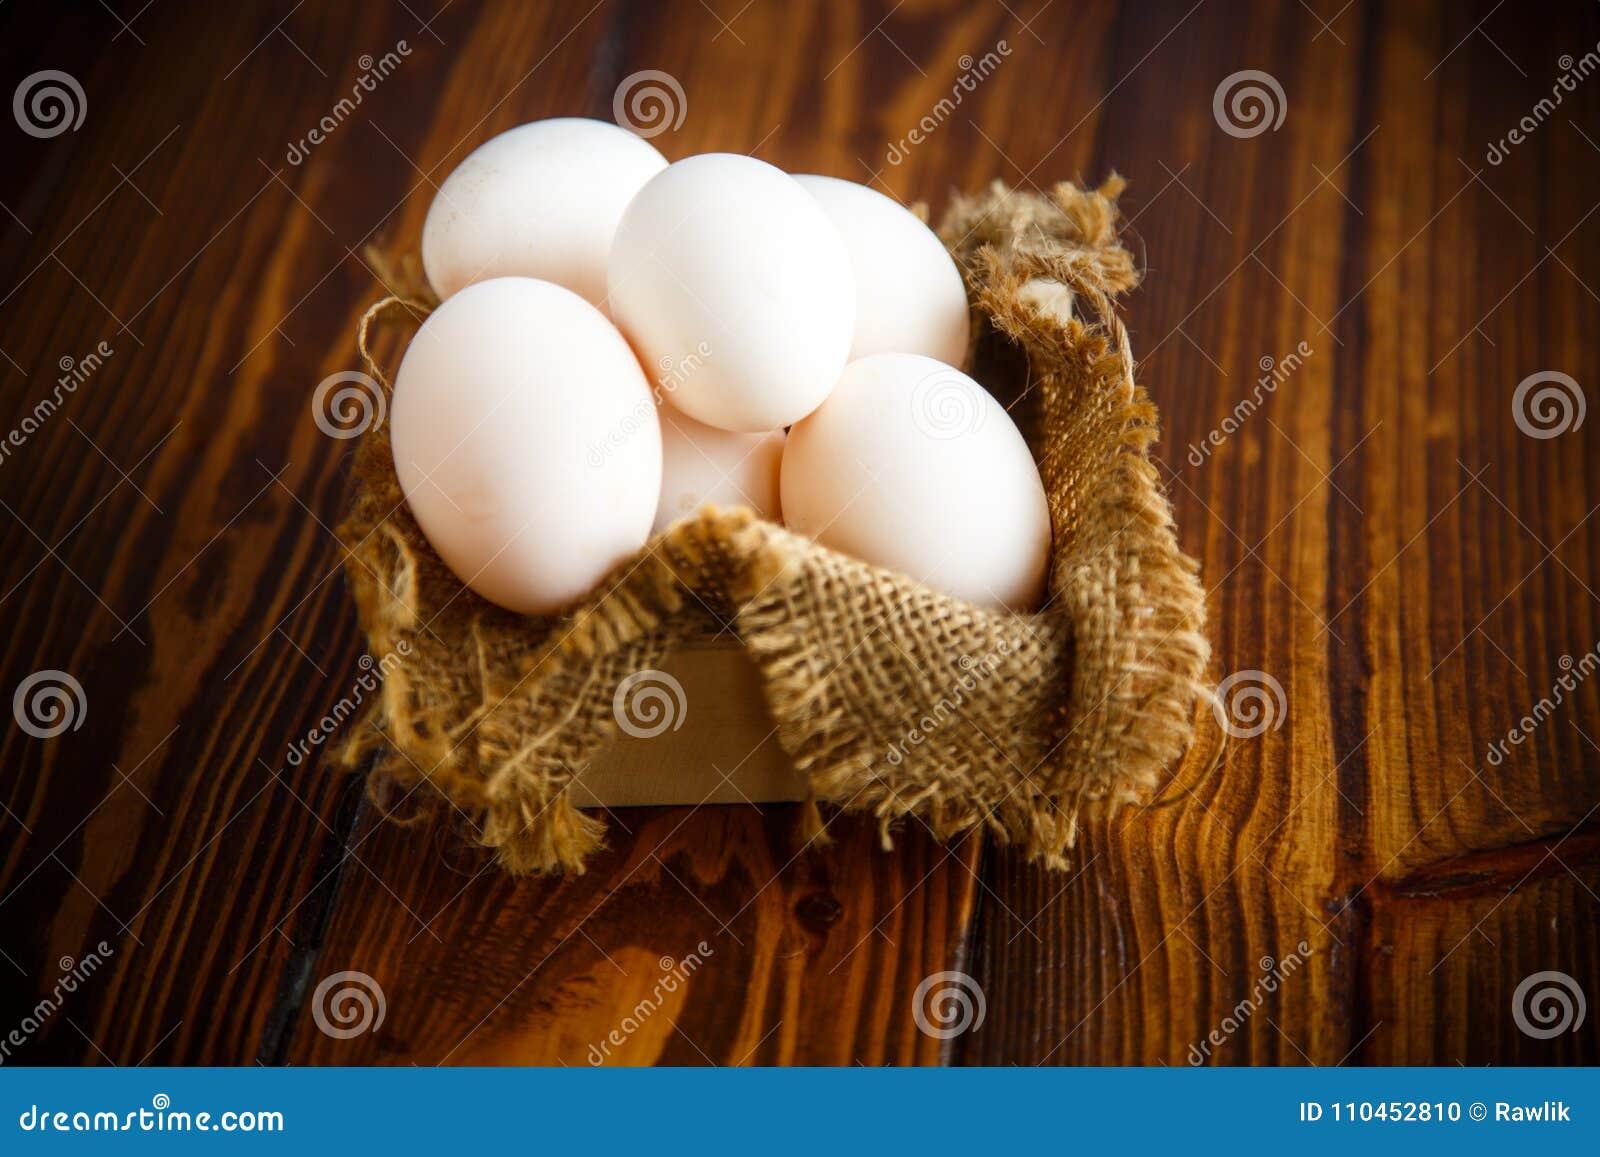 Ask mycket av säckväv med ägg